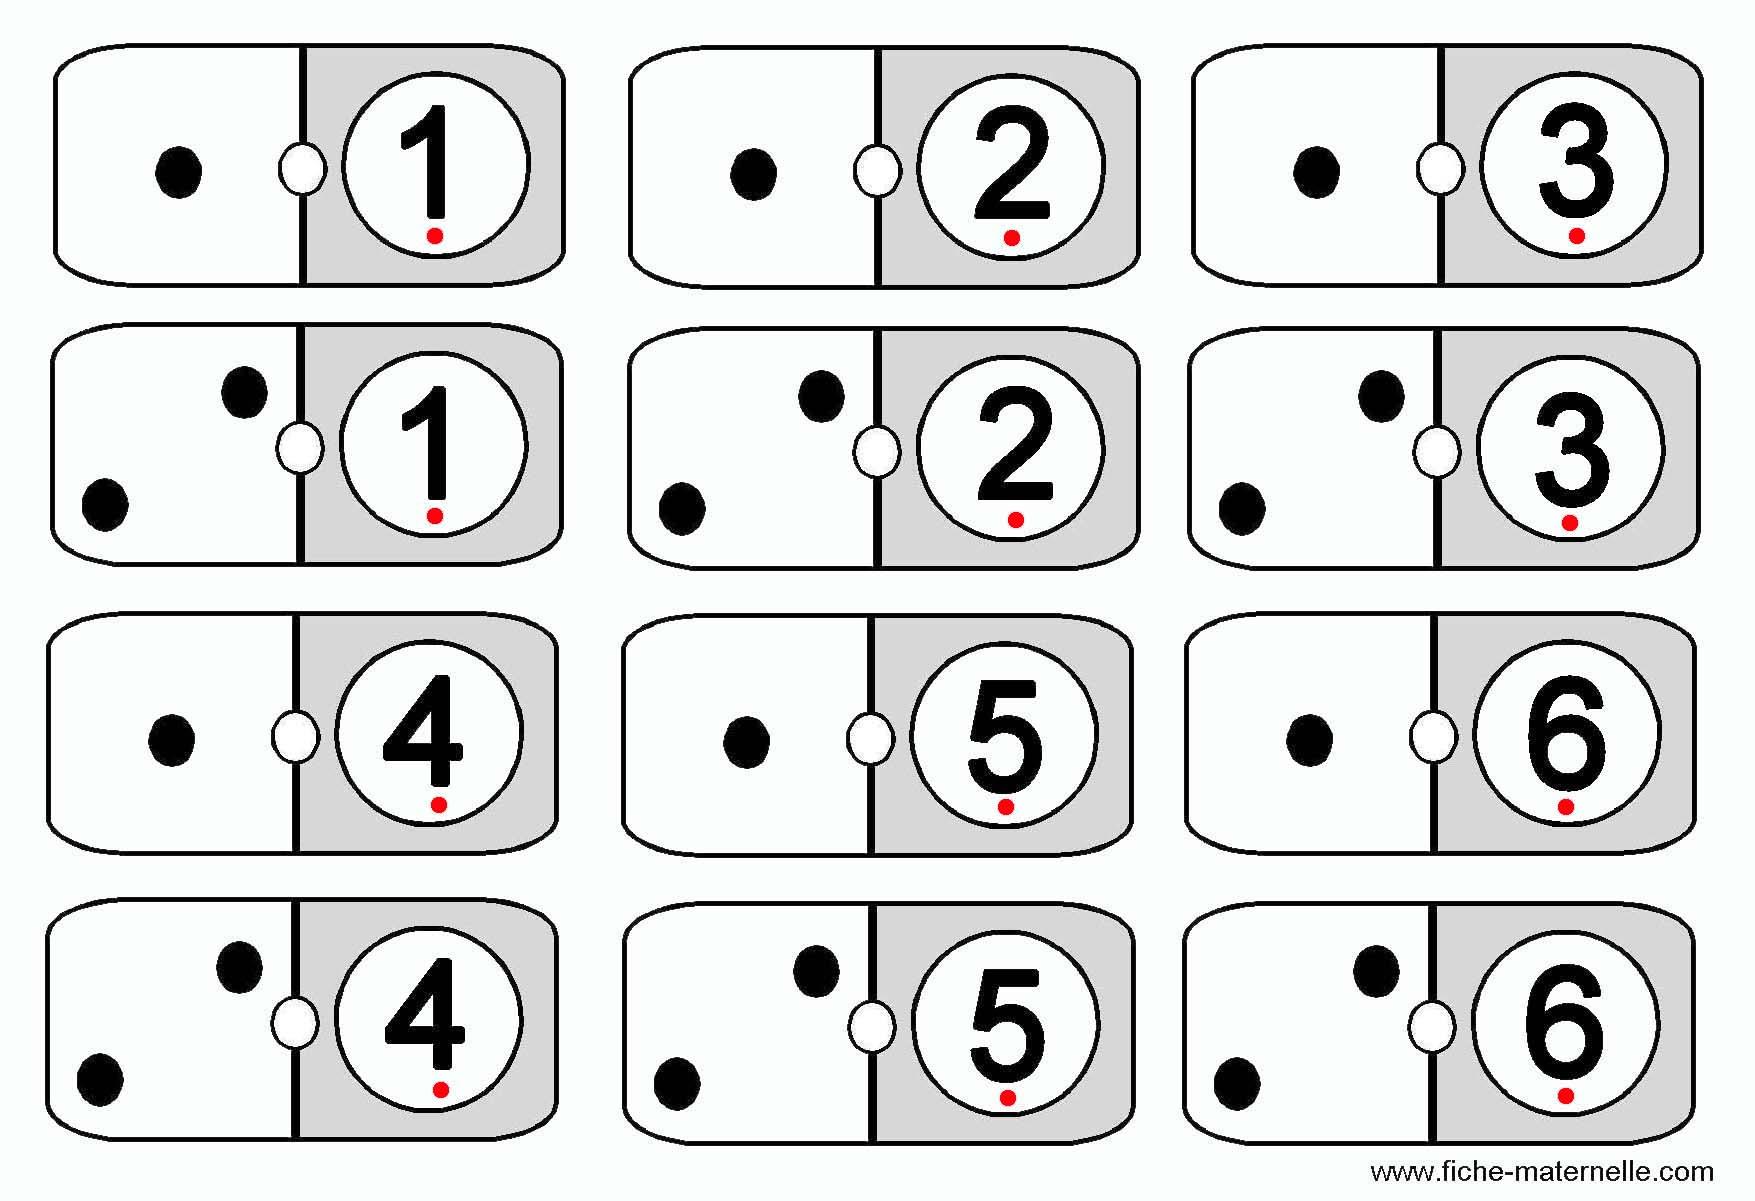 Jeux Mathématiques Pour Apprendre À Compter En Maternelle. dedans Jeux Mathématiques À Imprimer